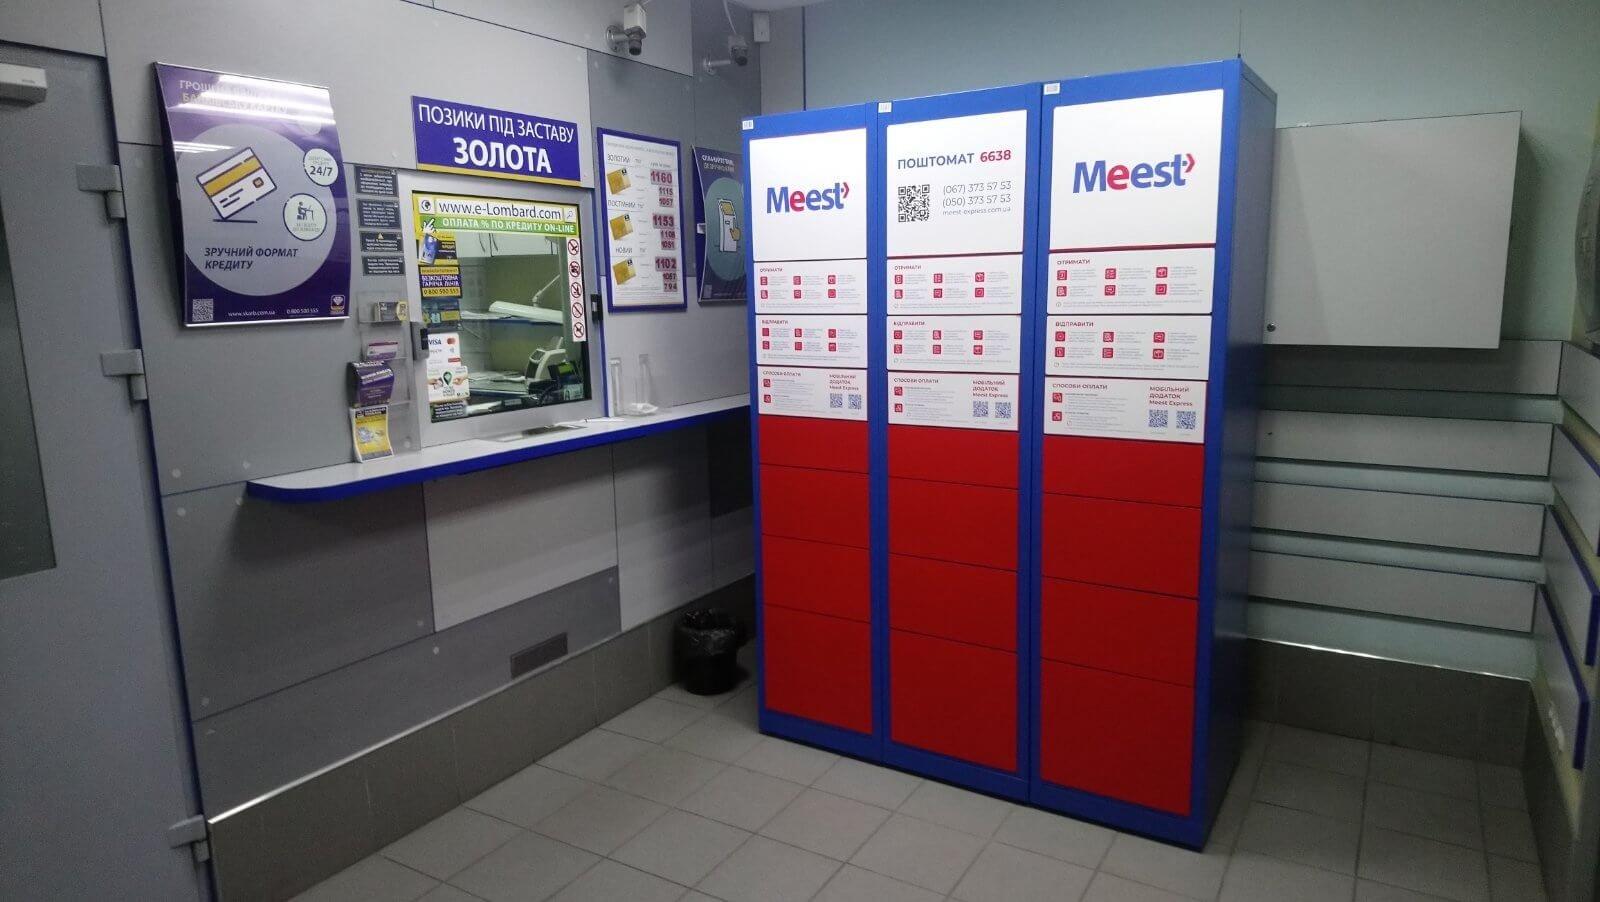 Компанія Meest буде безкоштовно доставляти посилки по всій Україні до кінця березня